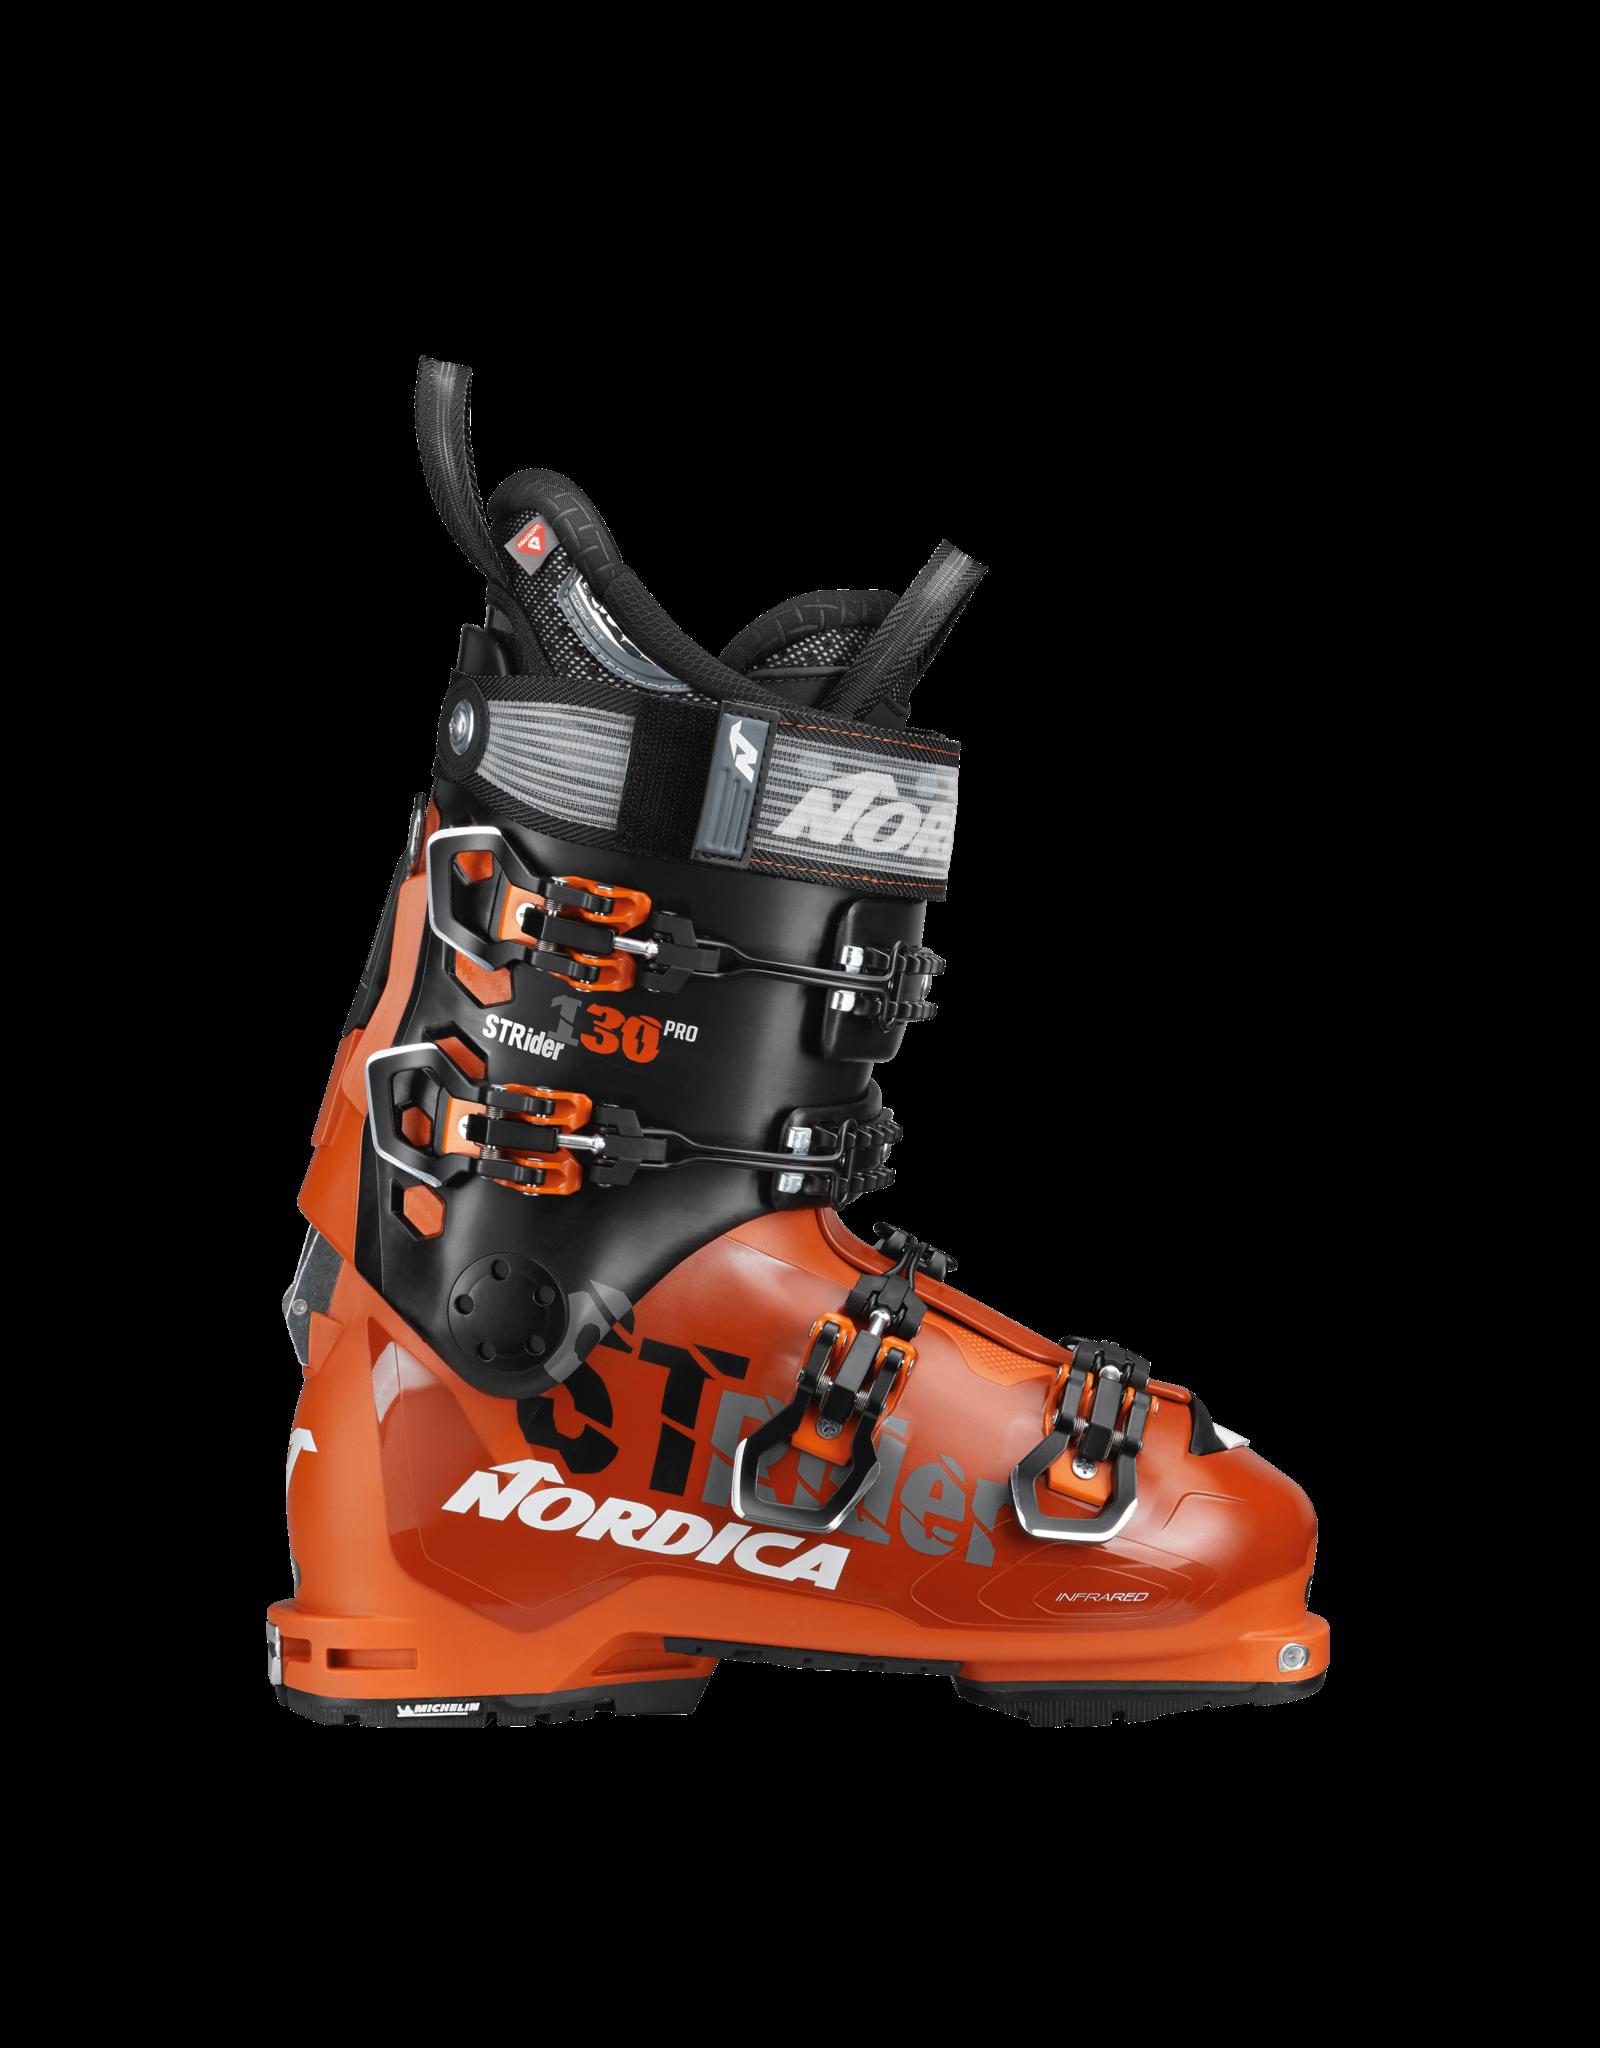 Nordica Strider 130 Pro Dyn Orange/Blk 2021